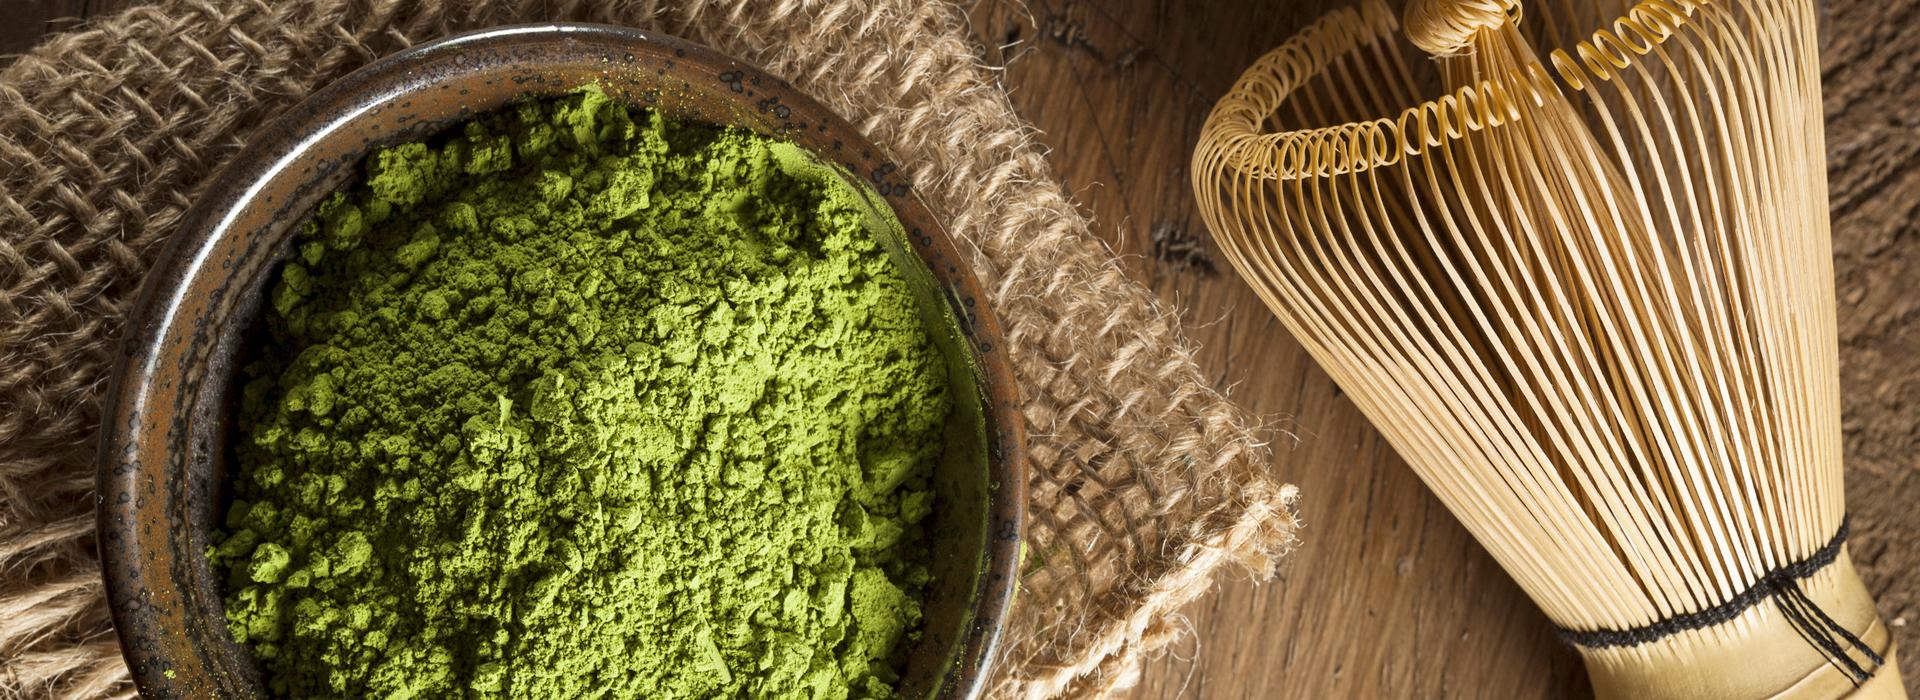 Für die grüne Farbe ist der natürliche Farbstoff Chlorophyll verantwortlich.